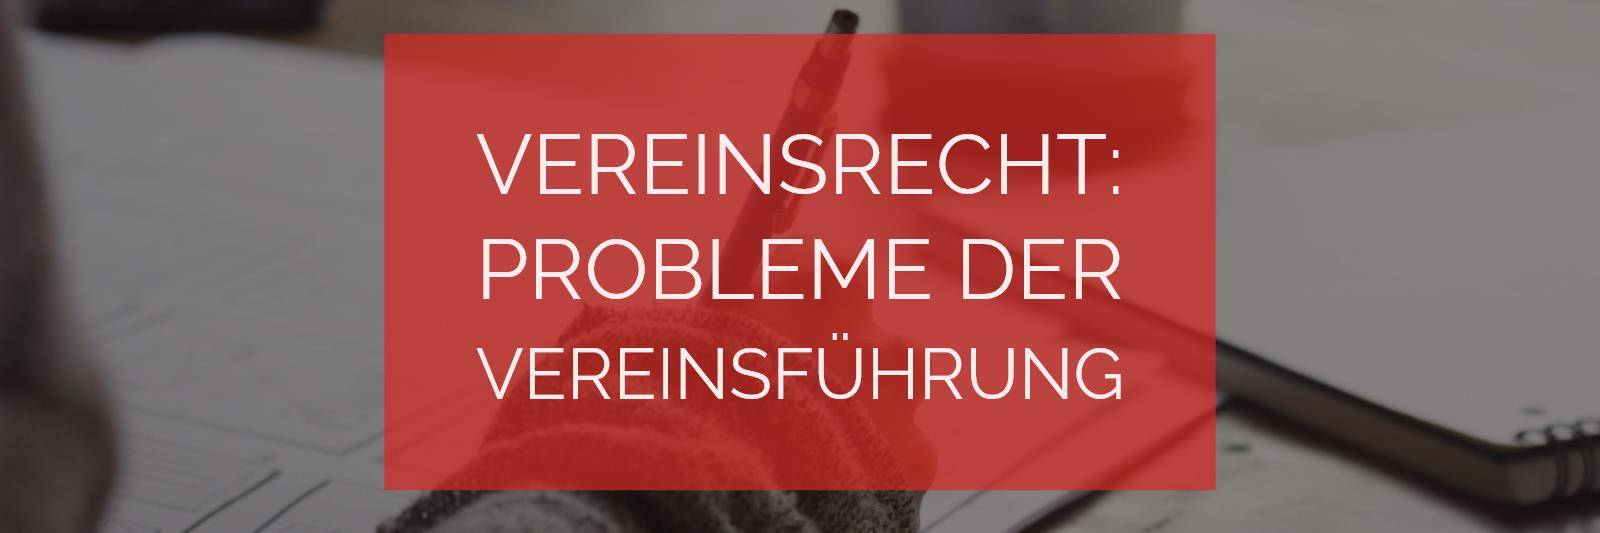 Vereinsrecht: Probleme der Vereinsführung | Rechtsanwalt Vereinsrecht Köln